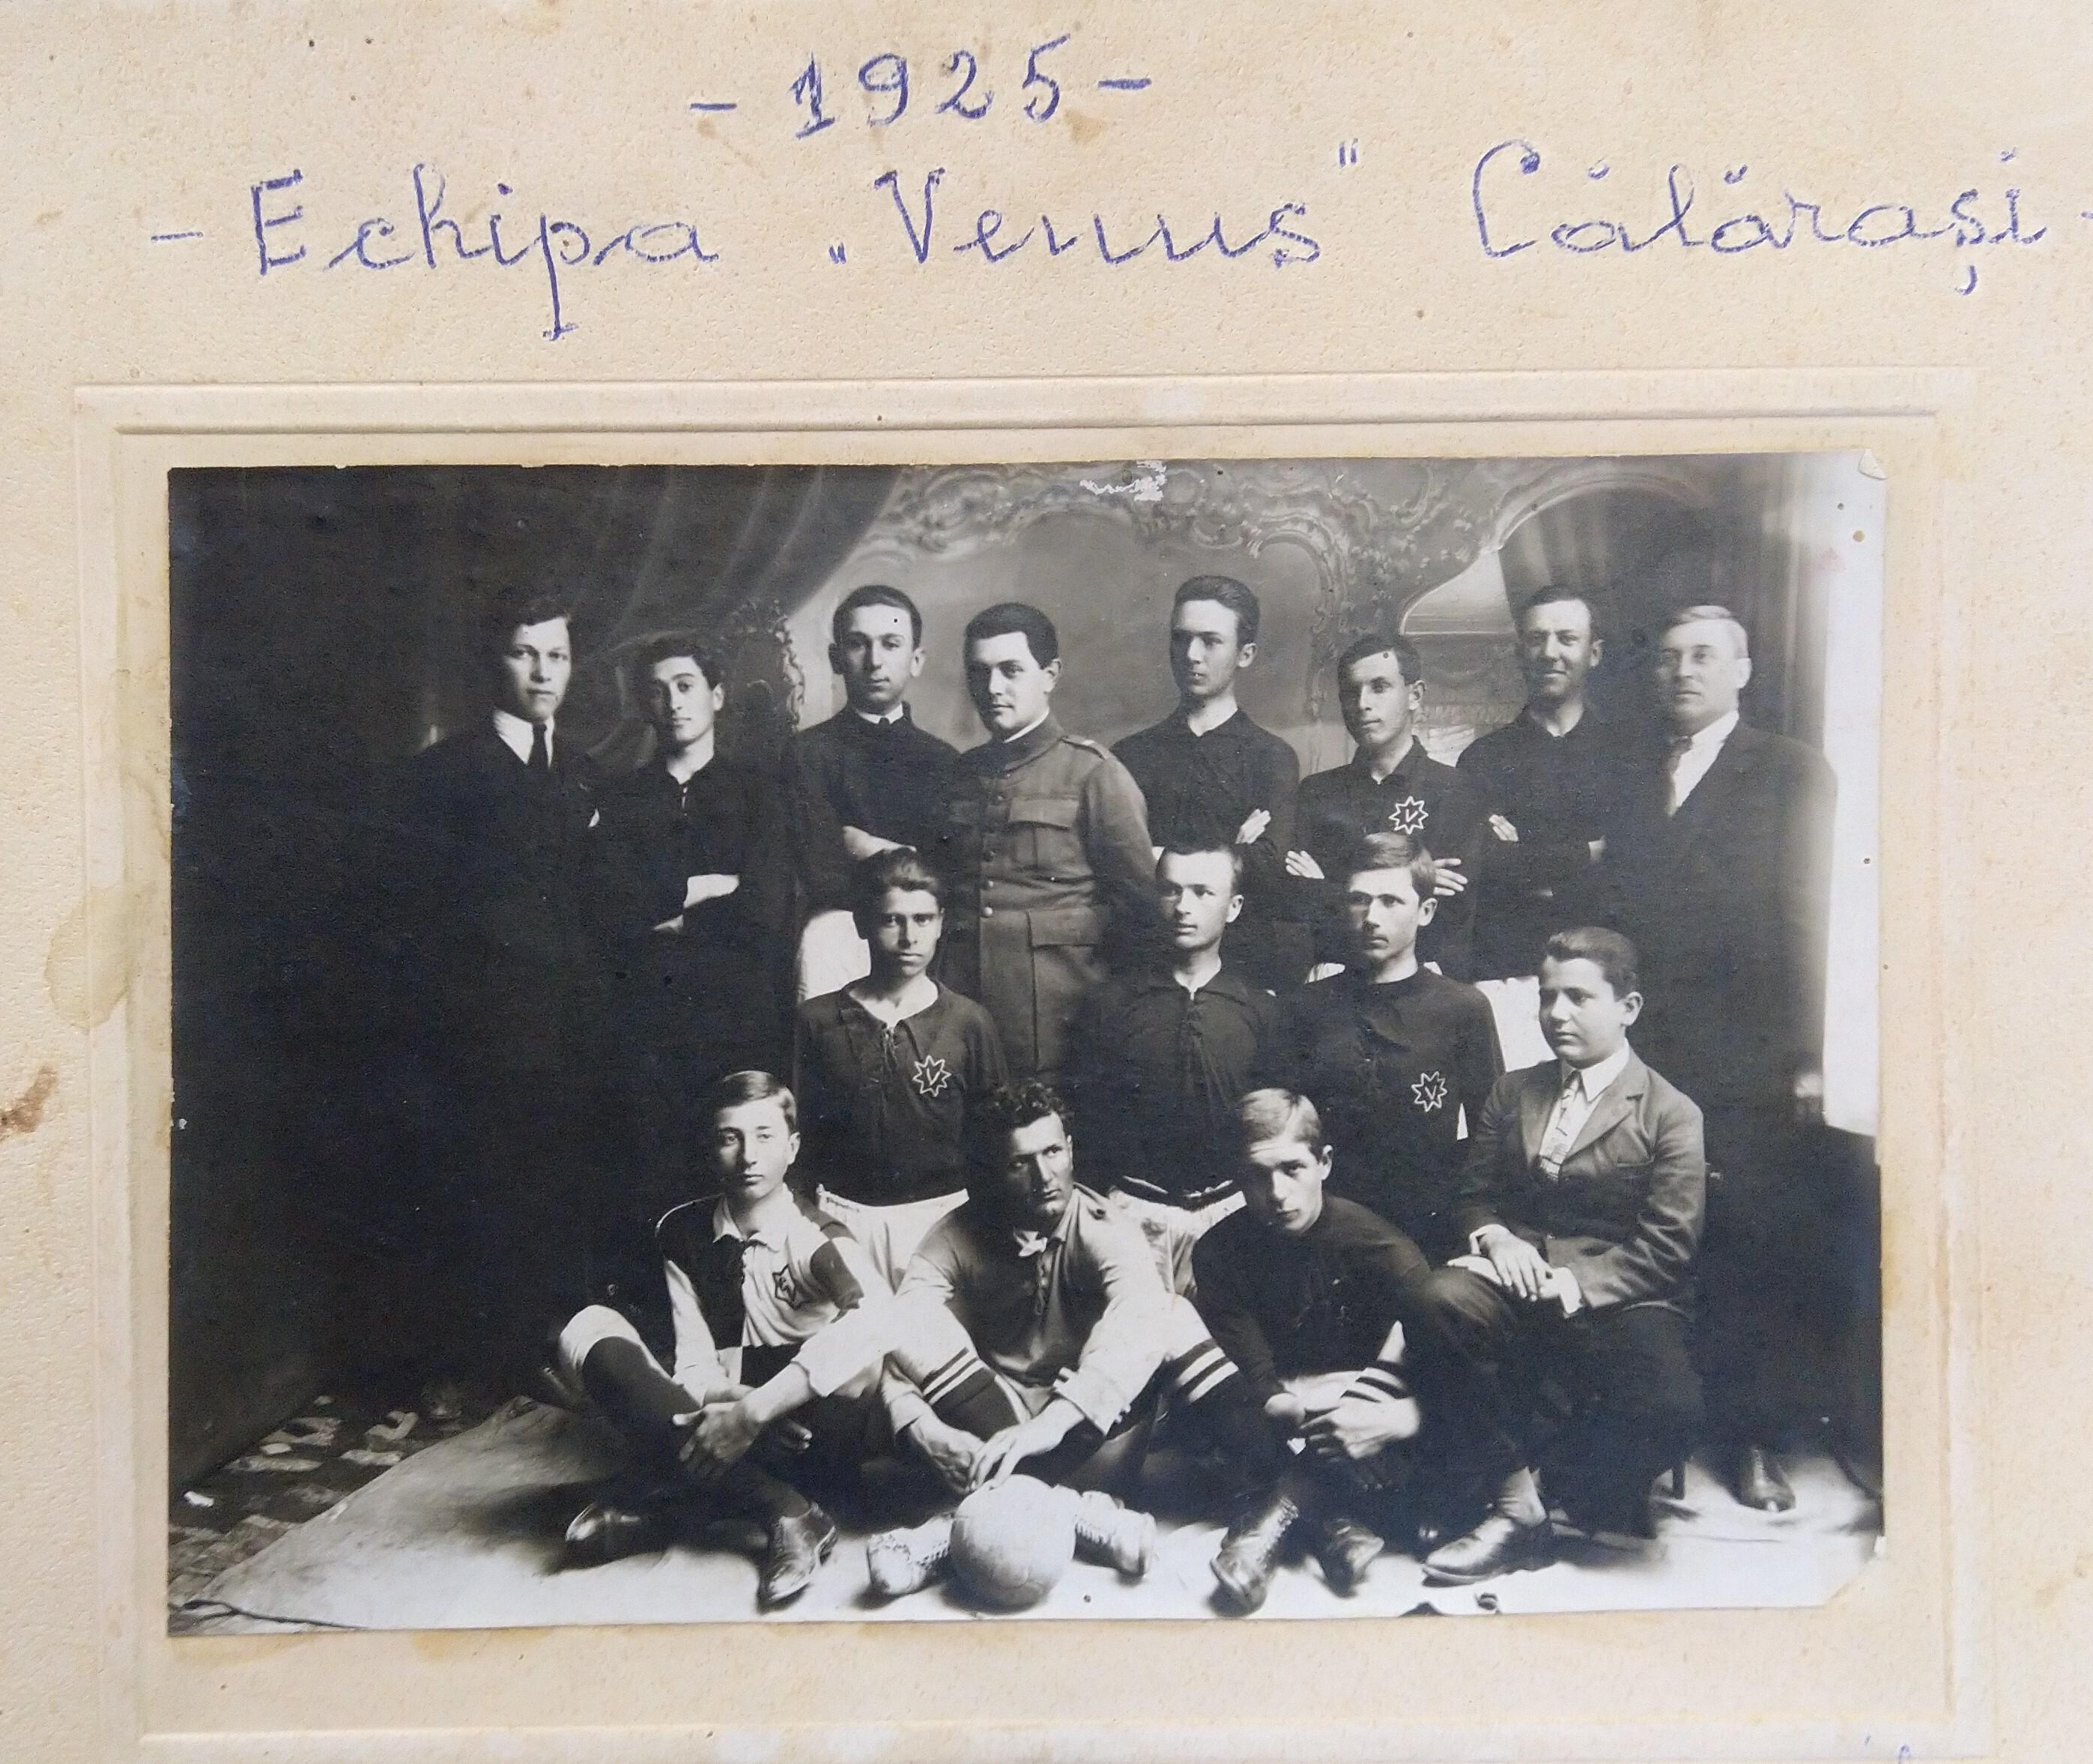 1925 Echipa Venus Calarasi in anul constituirii